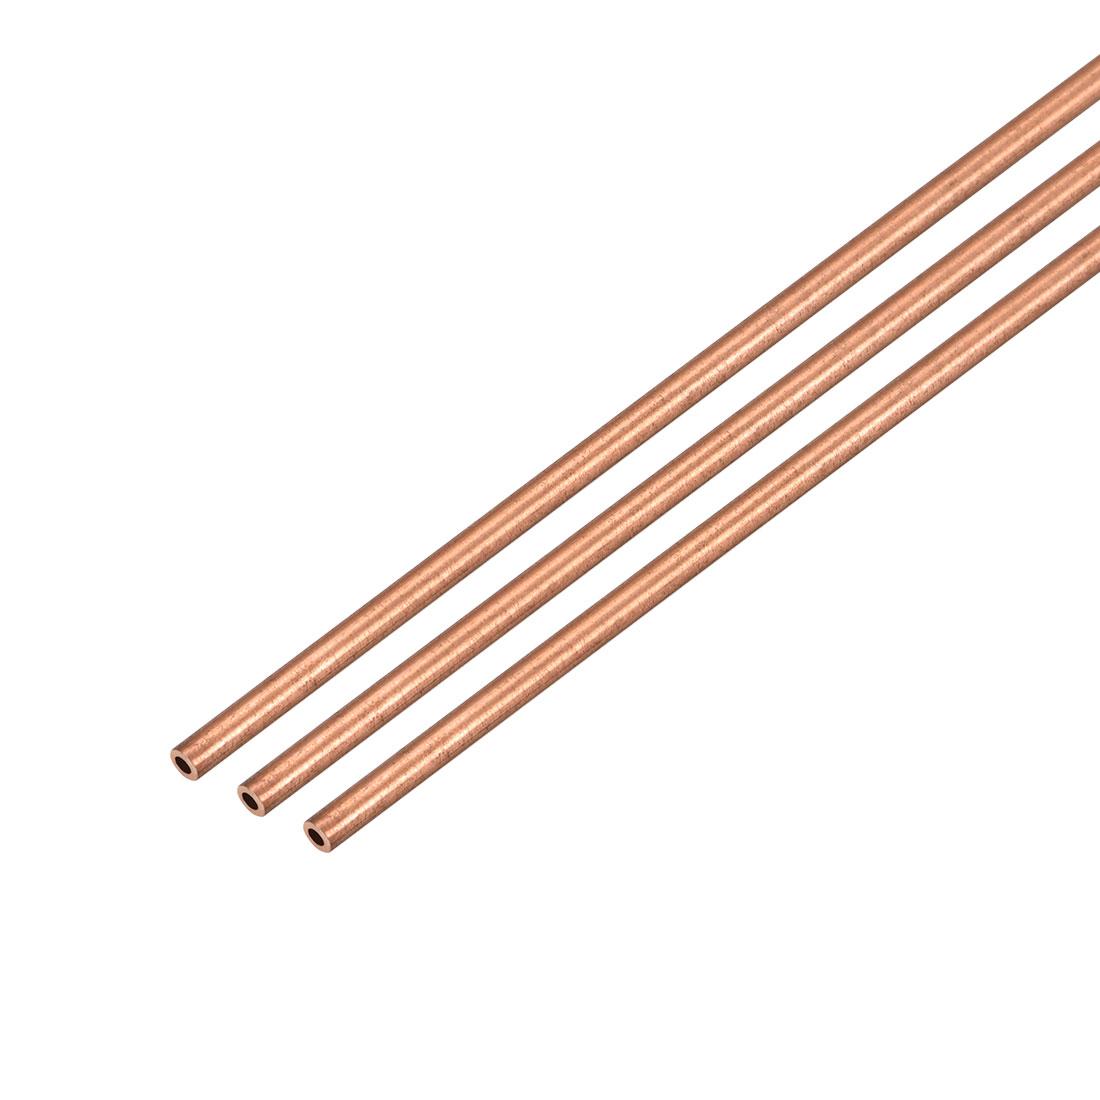 3Pcs 1.5mm Outside Diameter x 1mm Inside Diameter 500mm Copper Round Tube Pipe